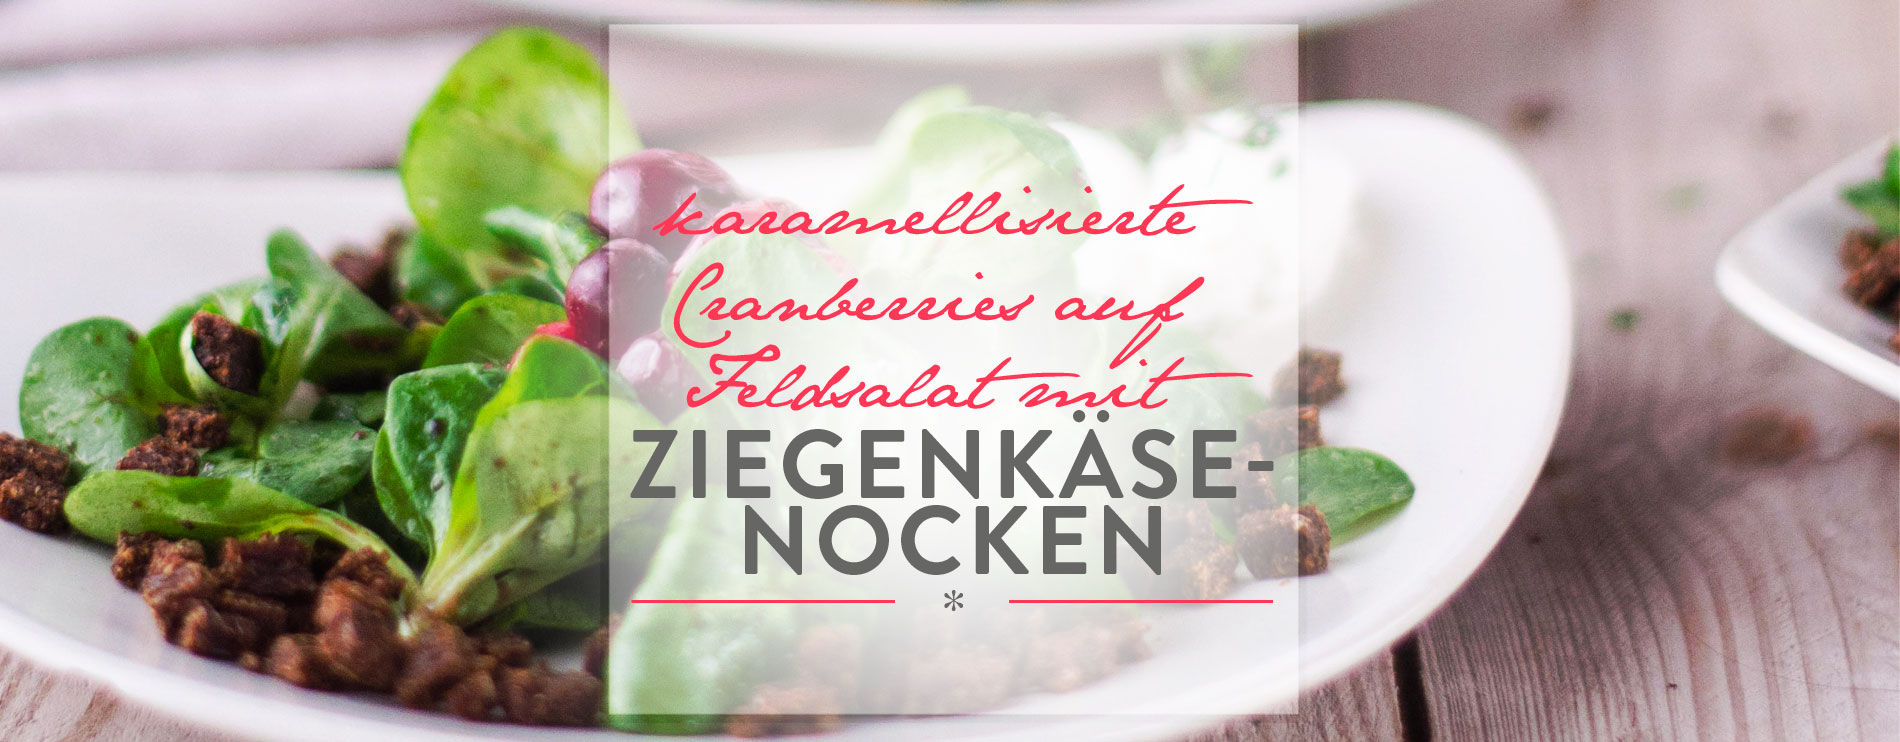 Header Karamellisierte Cranberries auf Feldsalat mit Ziegenkäse-Nocken